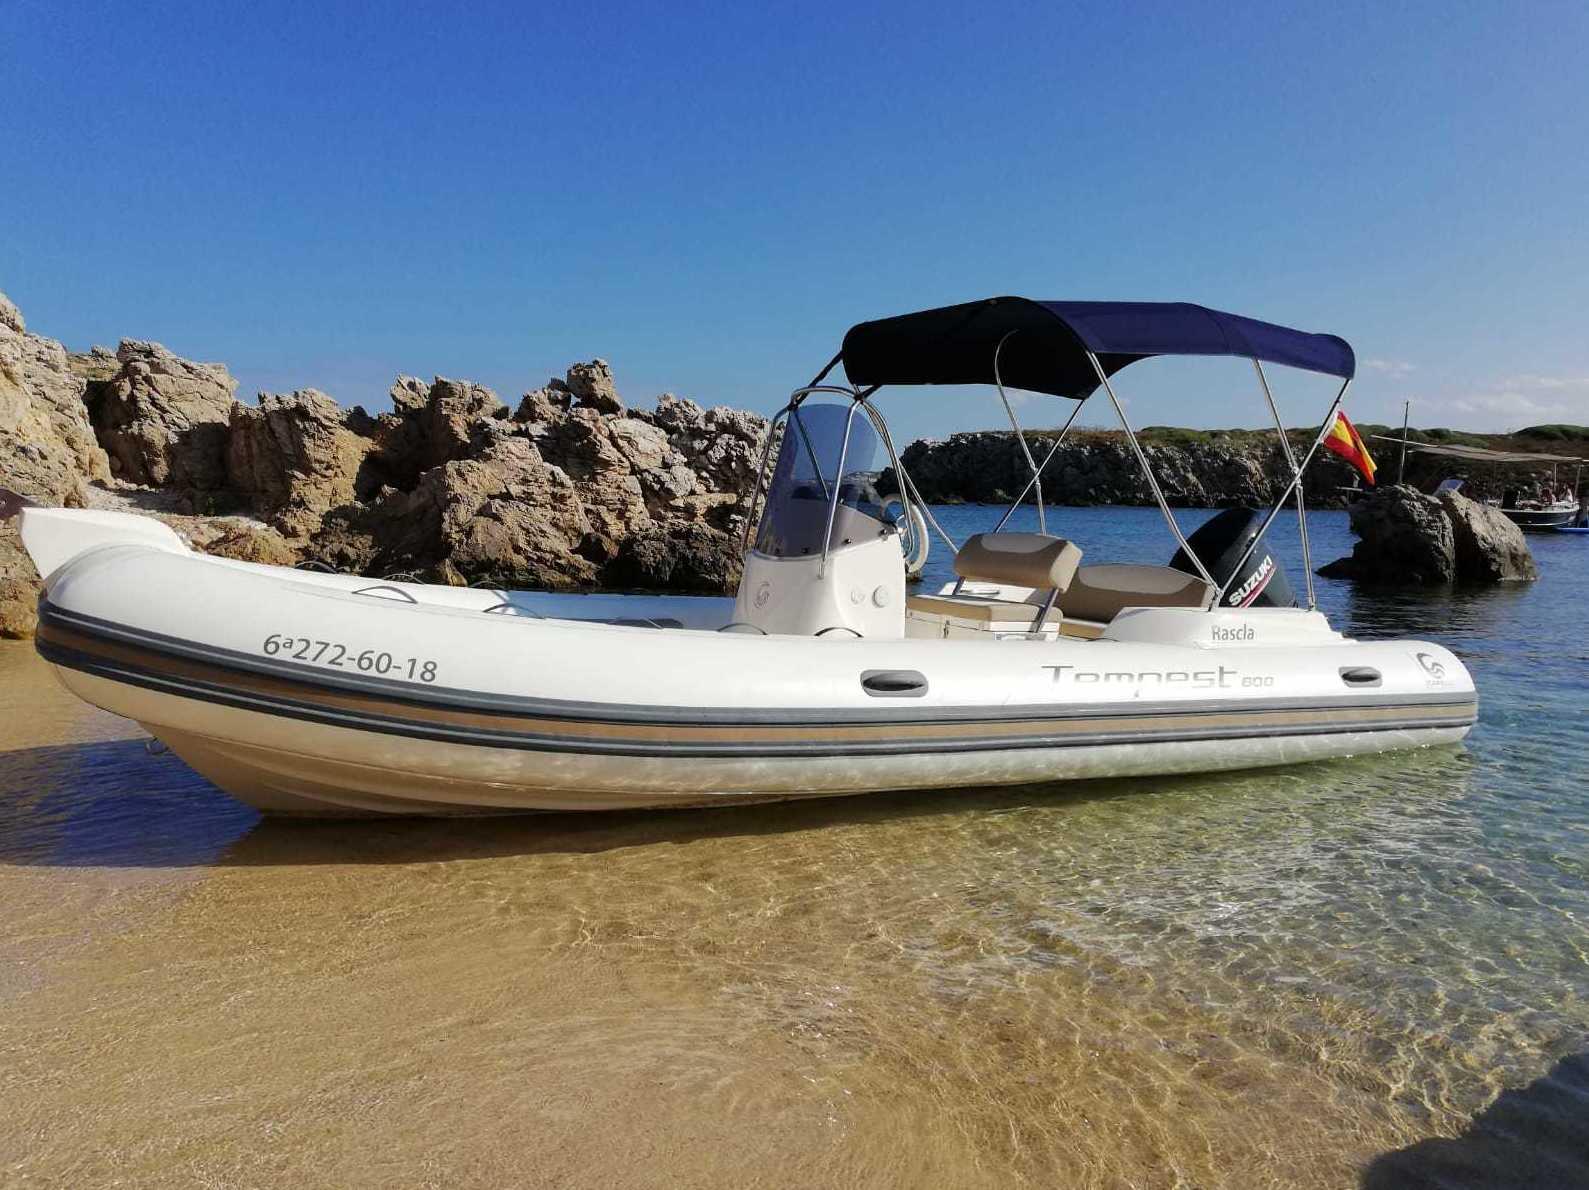 Foto 4 de Venta y alquiler de embarcacione en Port d'Addaia | Náutica Puig